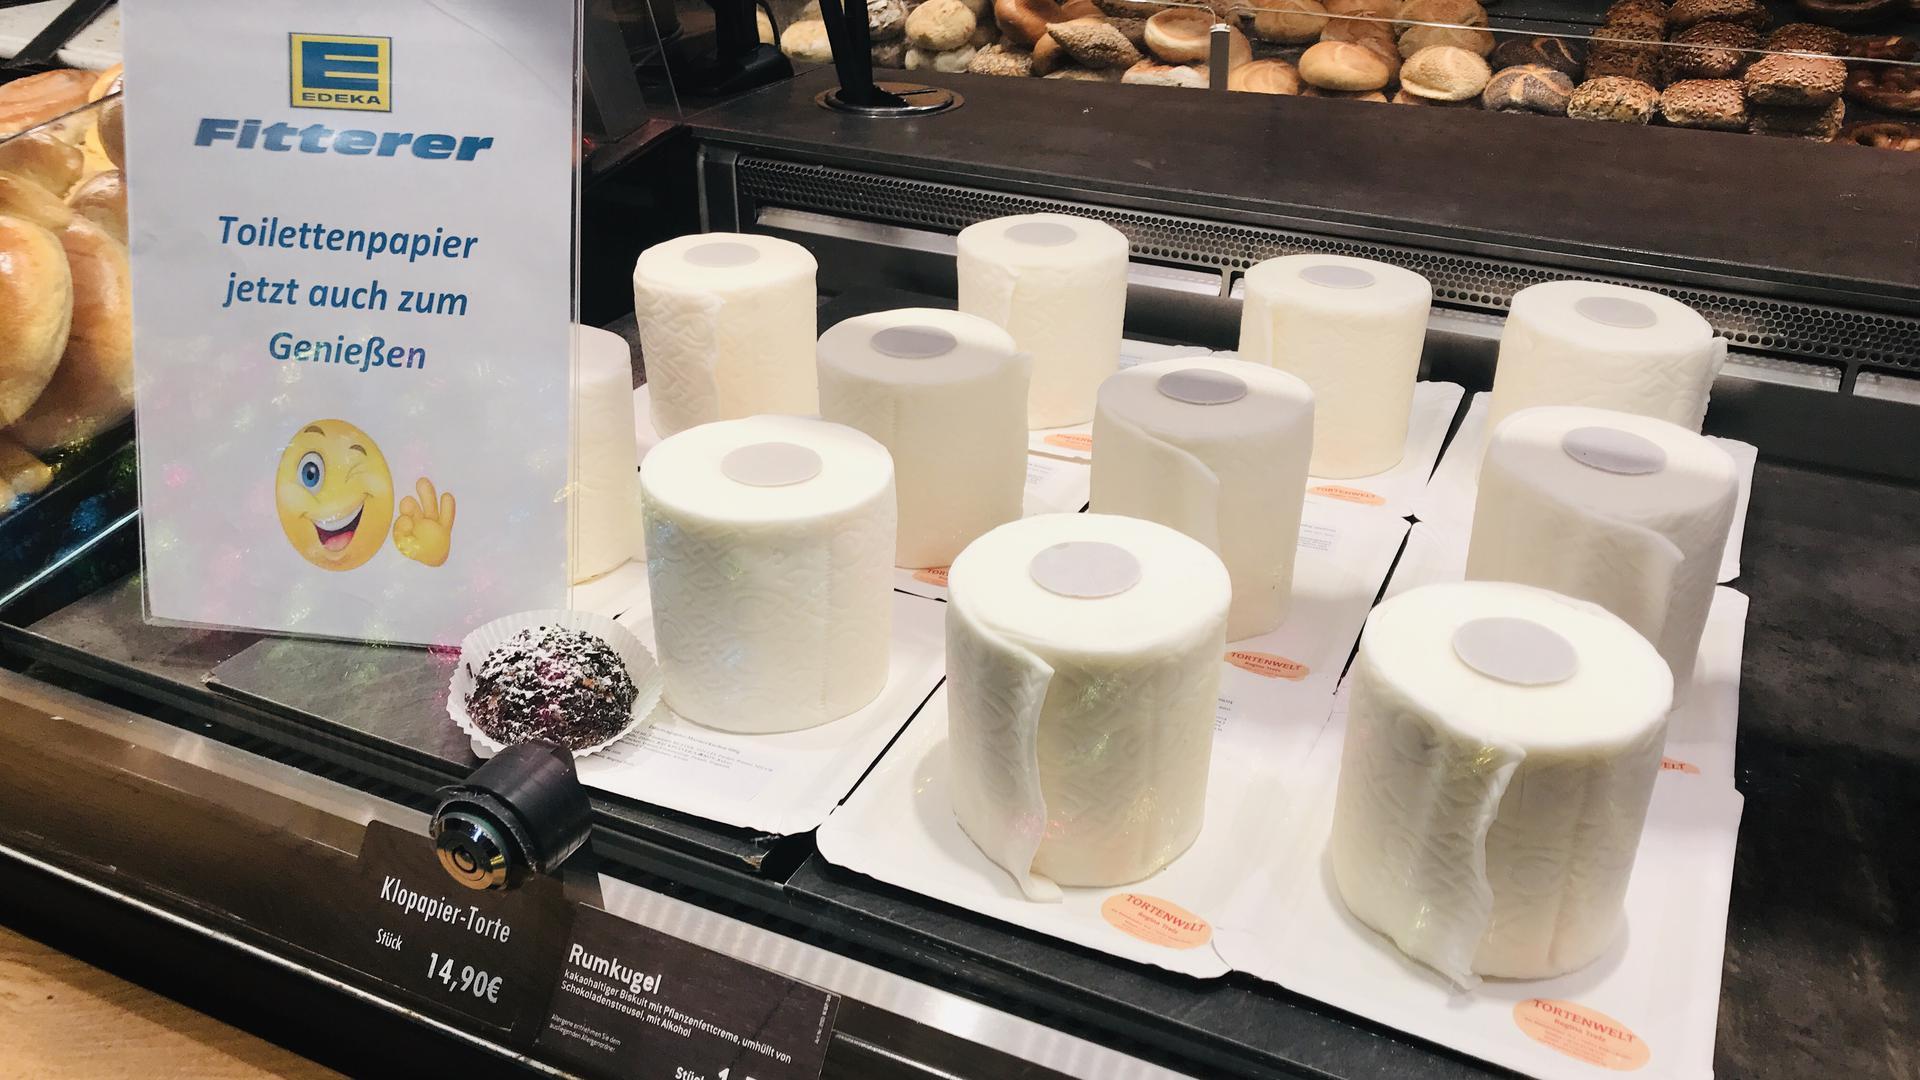 Toilettenpapier zum Genießen: Der Klopapier-Kuchen wird rege nachgefragt.